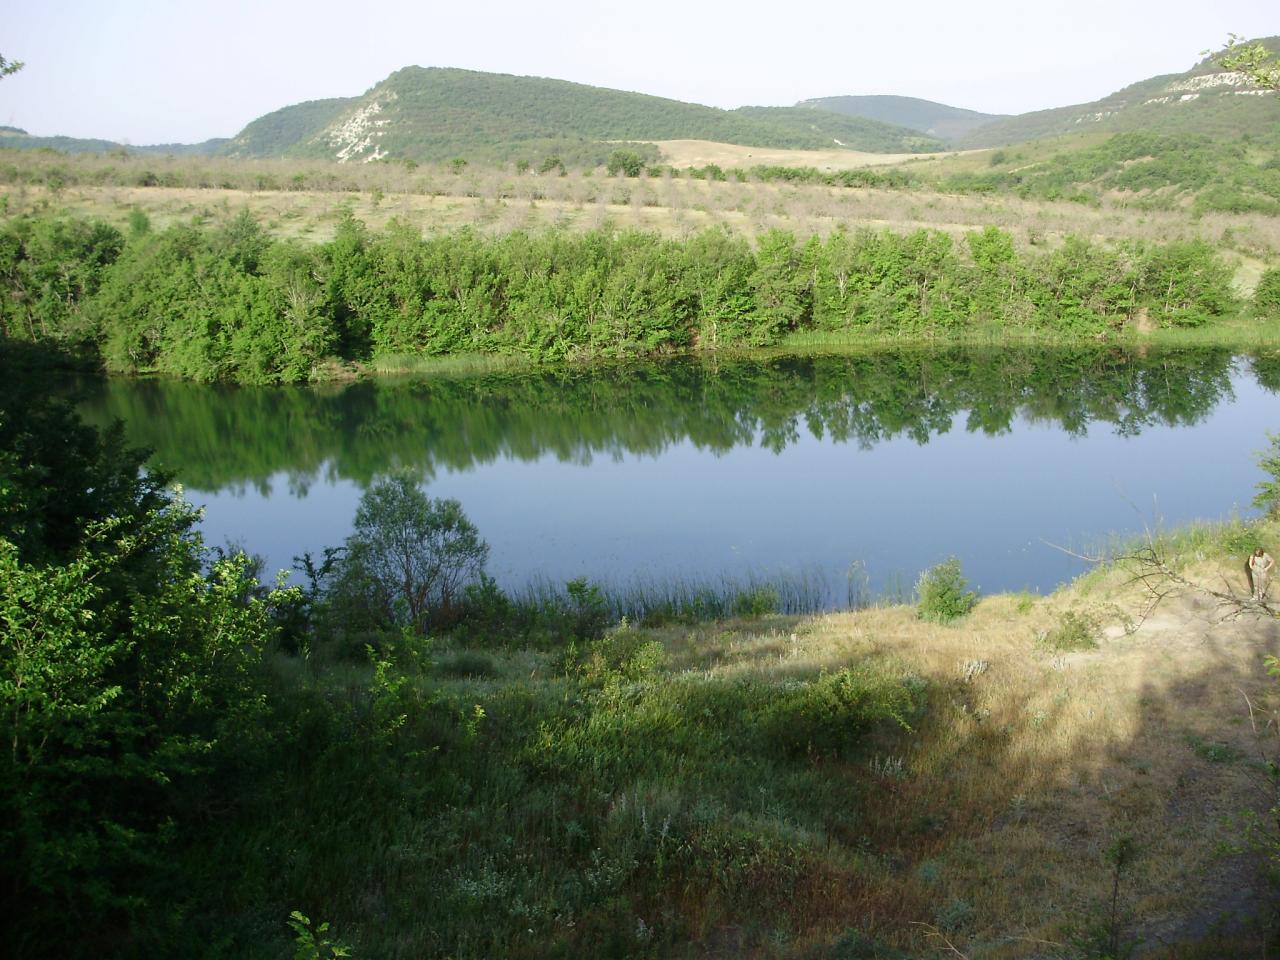 Срочно Участок ЛПХ в горной местности, центр Крыма 2 га с озером | фото 1 из 4